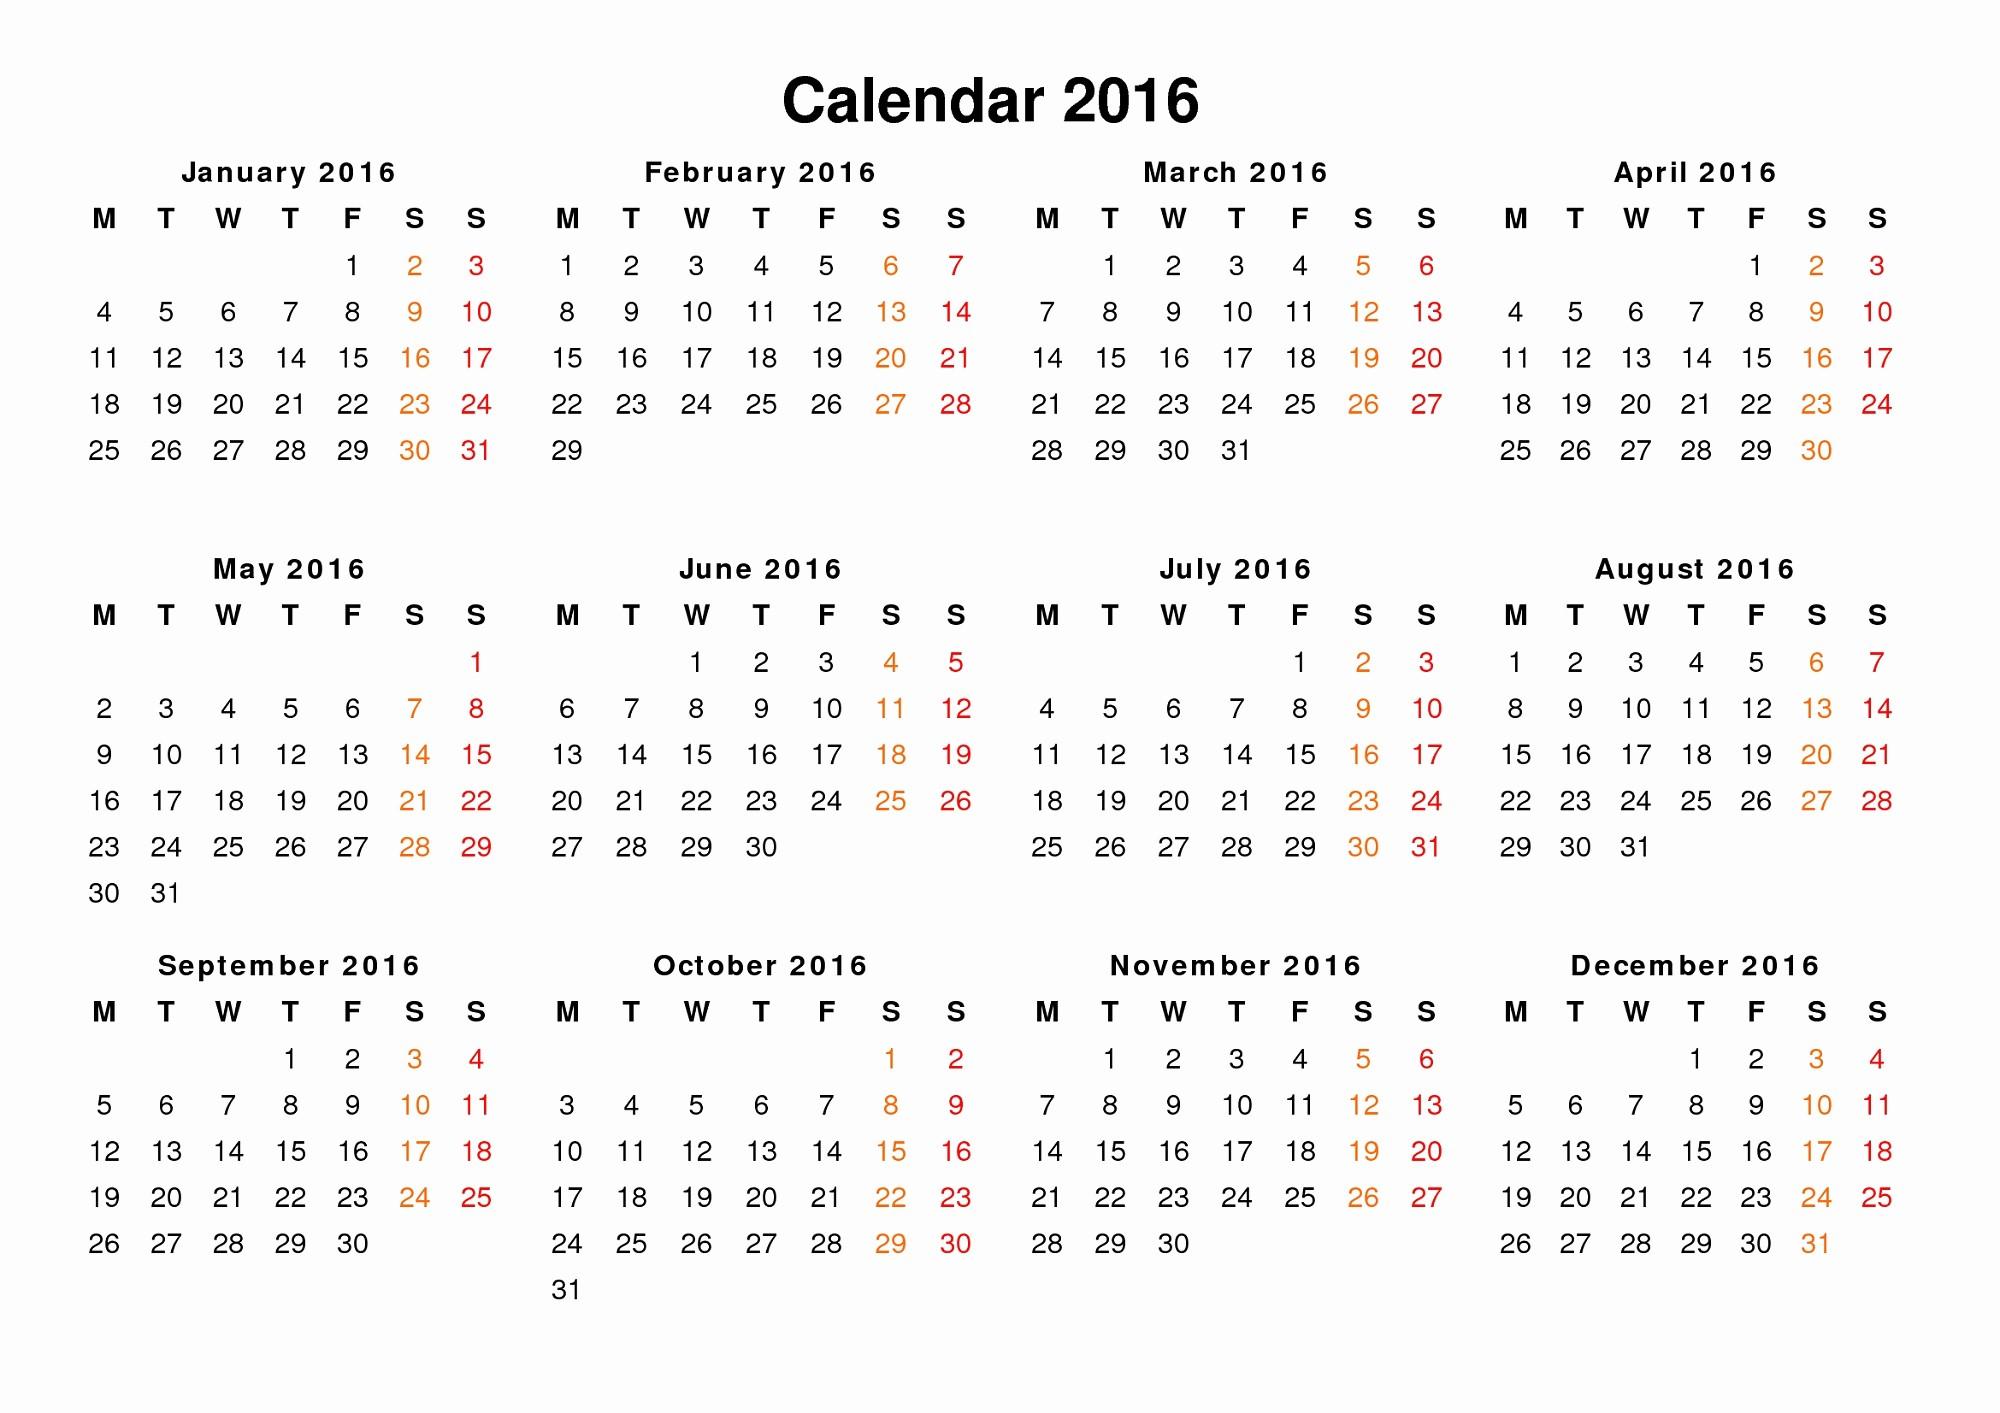 2016 12 Month Calendar Printable Elegant Yearly Calendar 2016 Printable